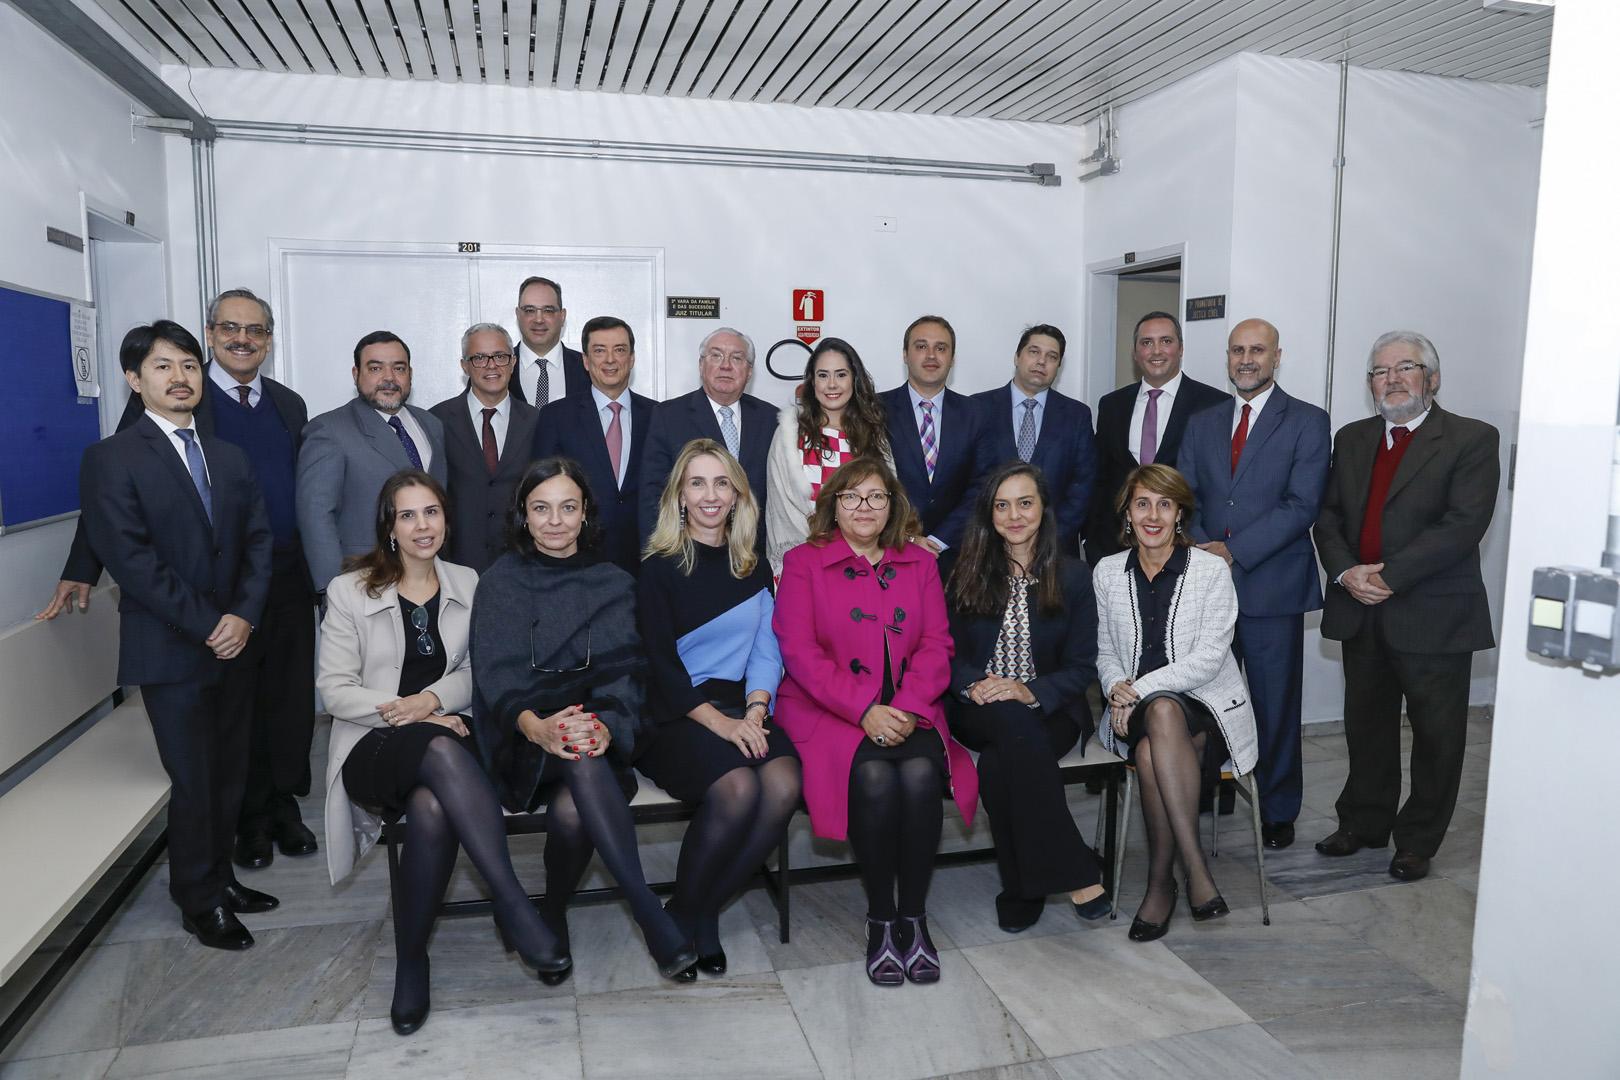 Judiciário em ação: presidente Pereira Calças visita o FR da Lapa